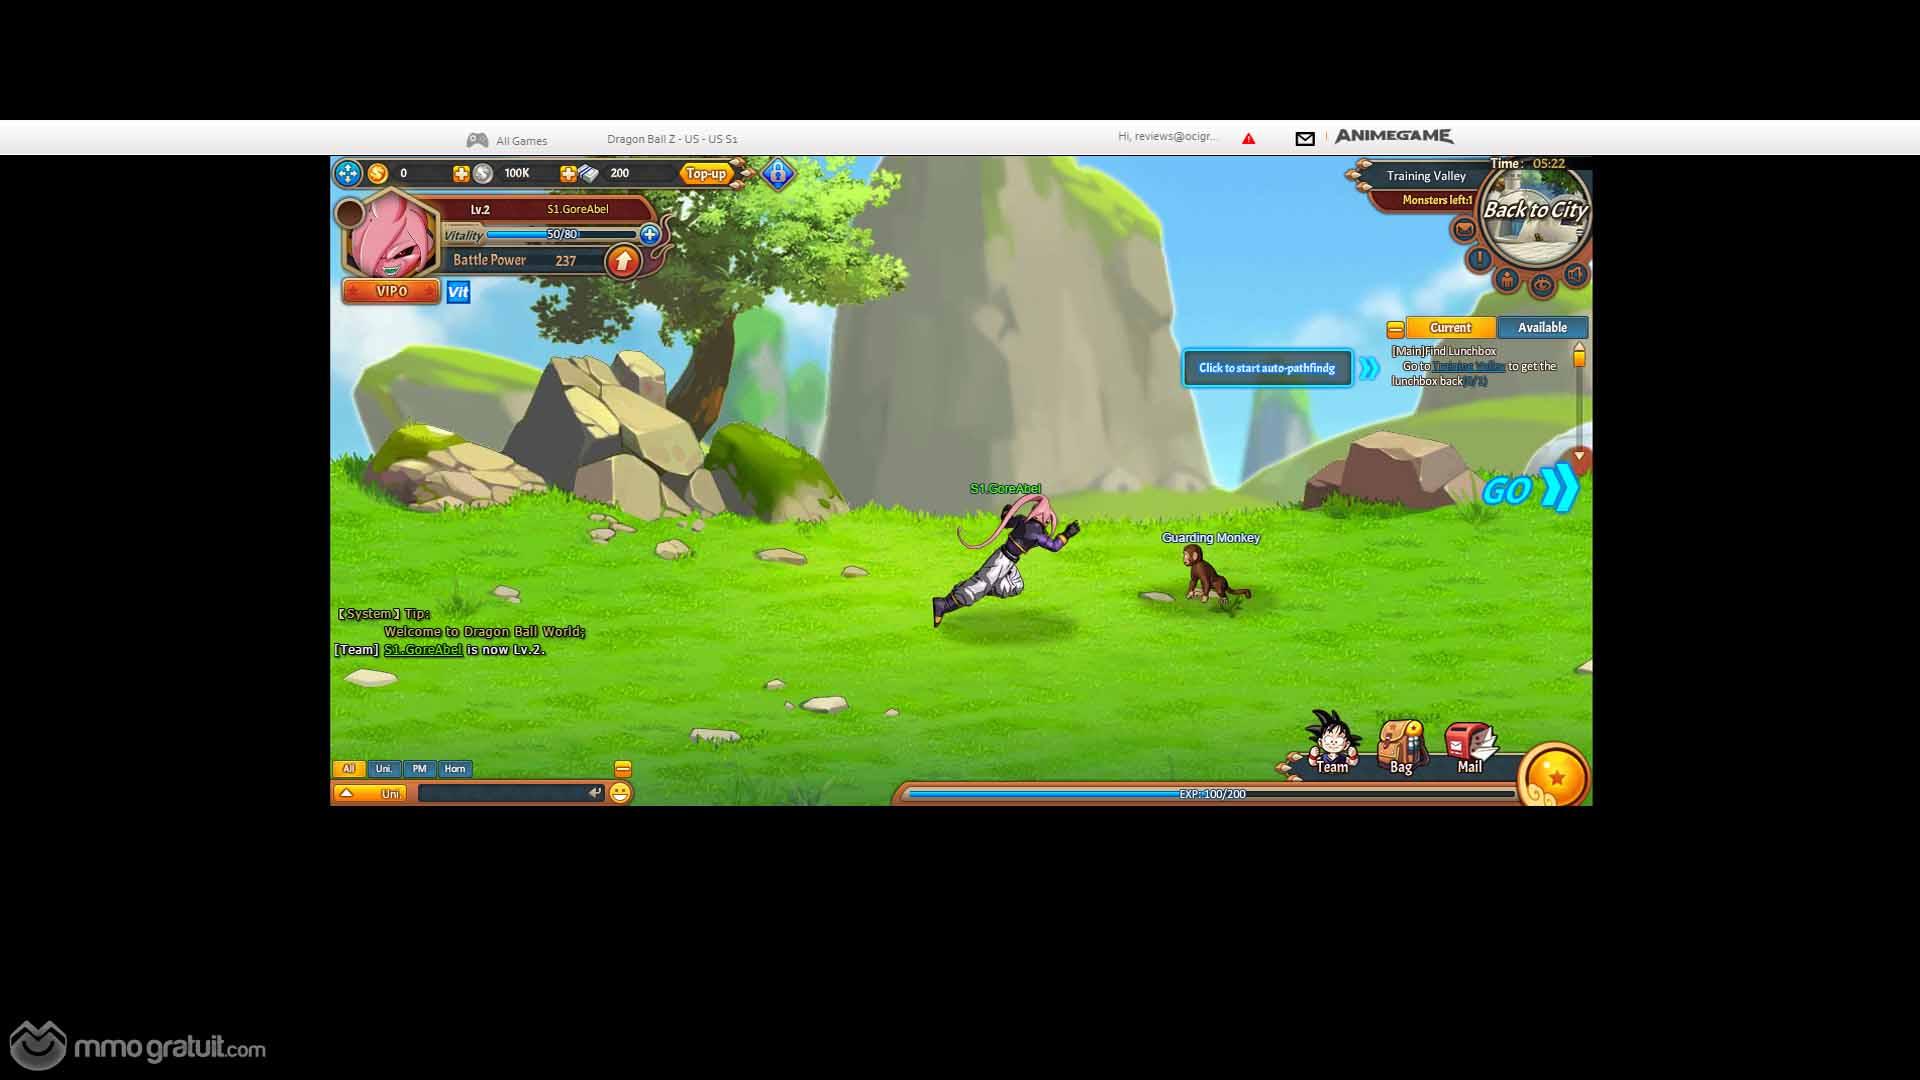 Dragon Ball Online est un jeu vidéo massivement multijoueur en ligne basé sur le célèbre manga des années 1990, dans lequel vous aurez le plaisir de jouer avec vos personnages préférés dans des combats épiques. En effet, DBO mélange tous les éléments d'un jeu de rôle avec les personnages de ce manga aujourd'hui culte pour de nombreux fans.